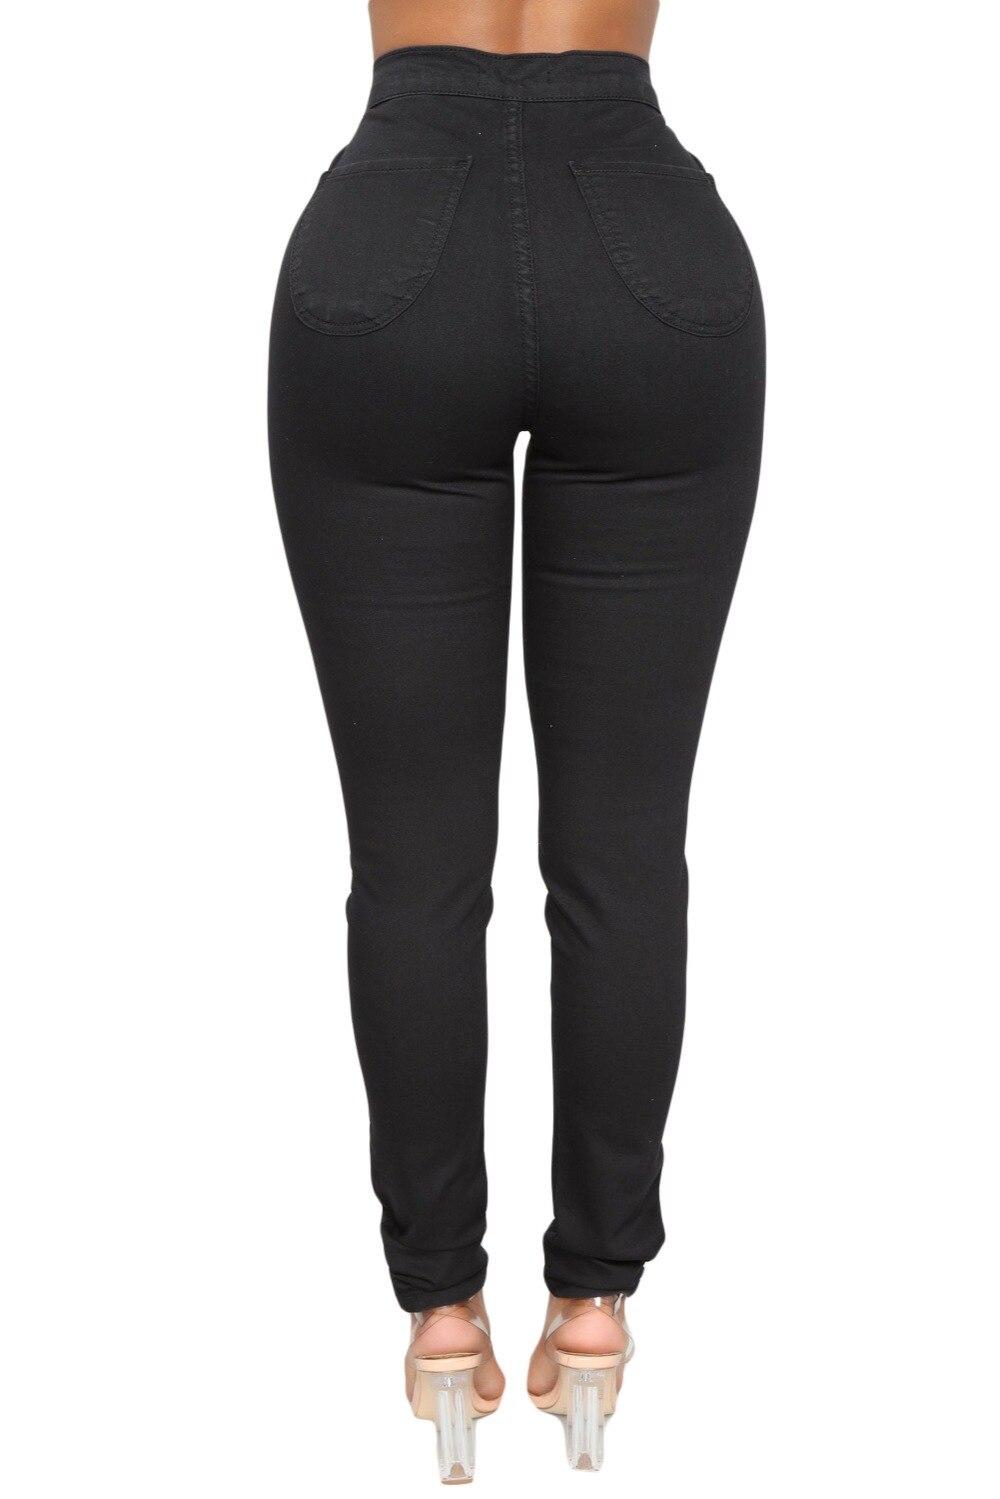 Cremallera Redondos Ropa Negro Invierno Negros Vaqueros Grande Pantalones Mujer Alta Bolsillos xxl S Cintura Talla Ajustados Para Con De wxZxUqA7t